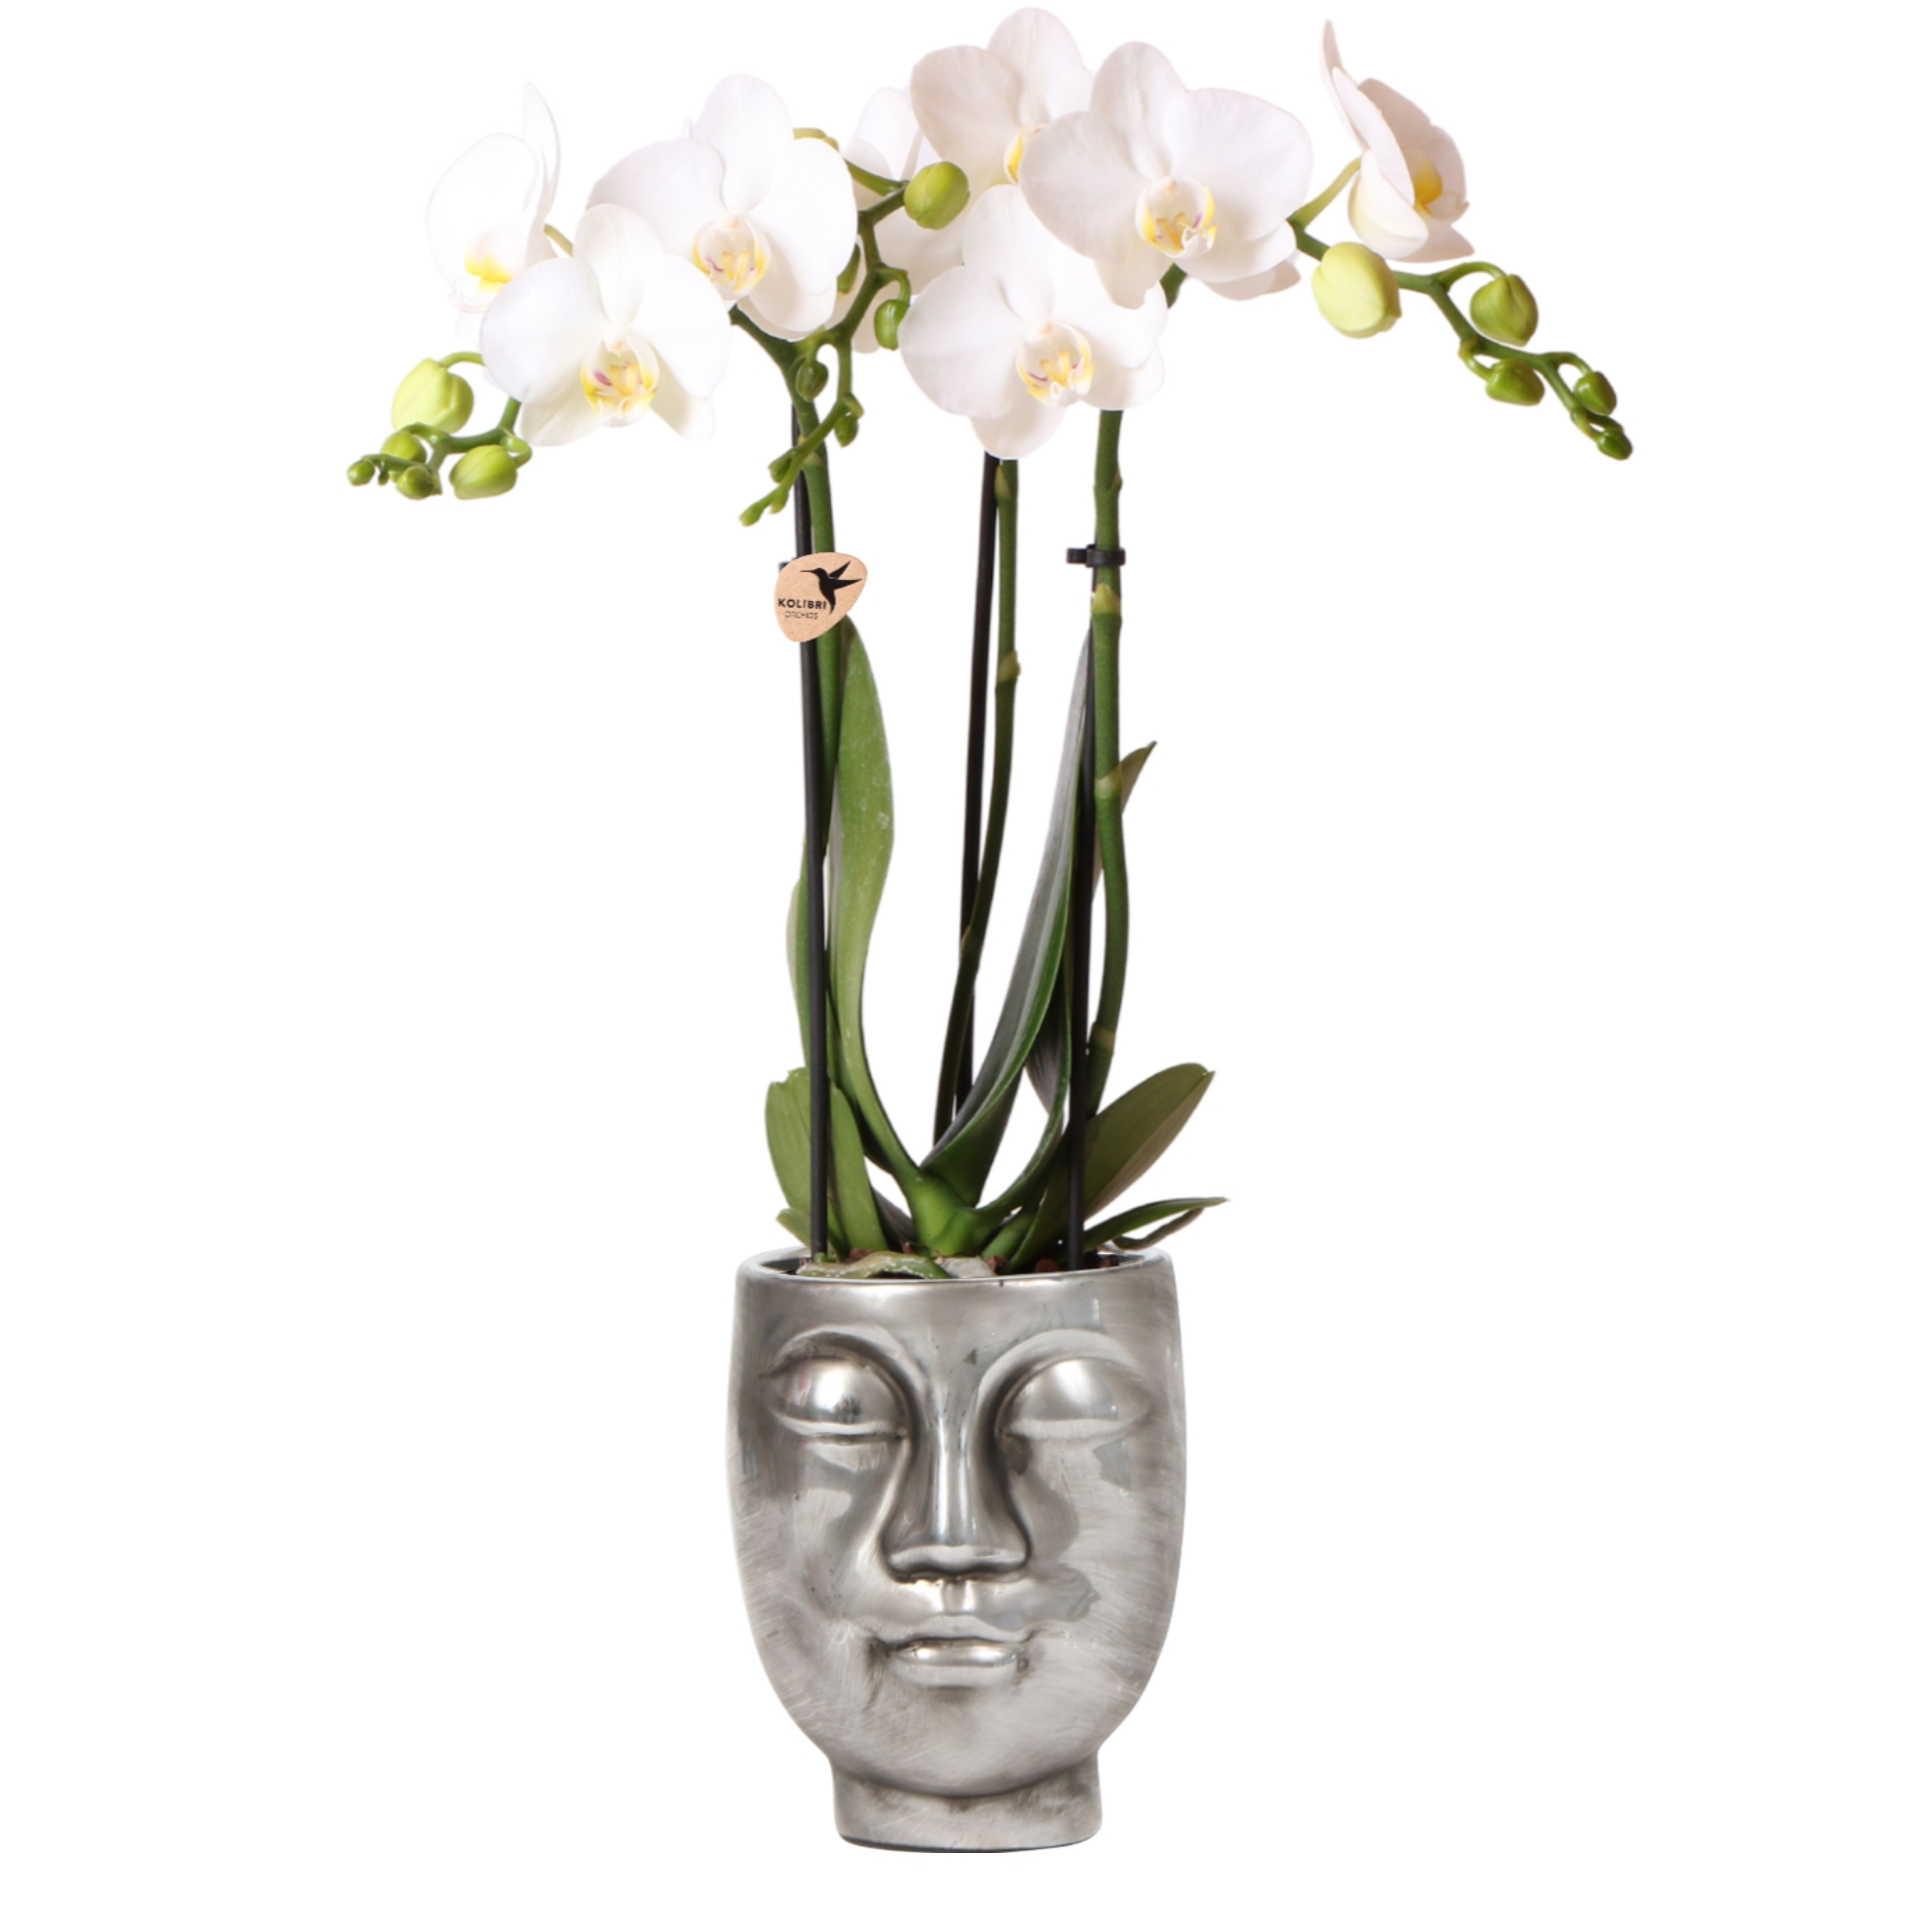 planten set plantenset kolibri orchids white in face to face pot zilver 9cm